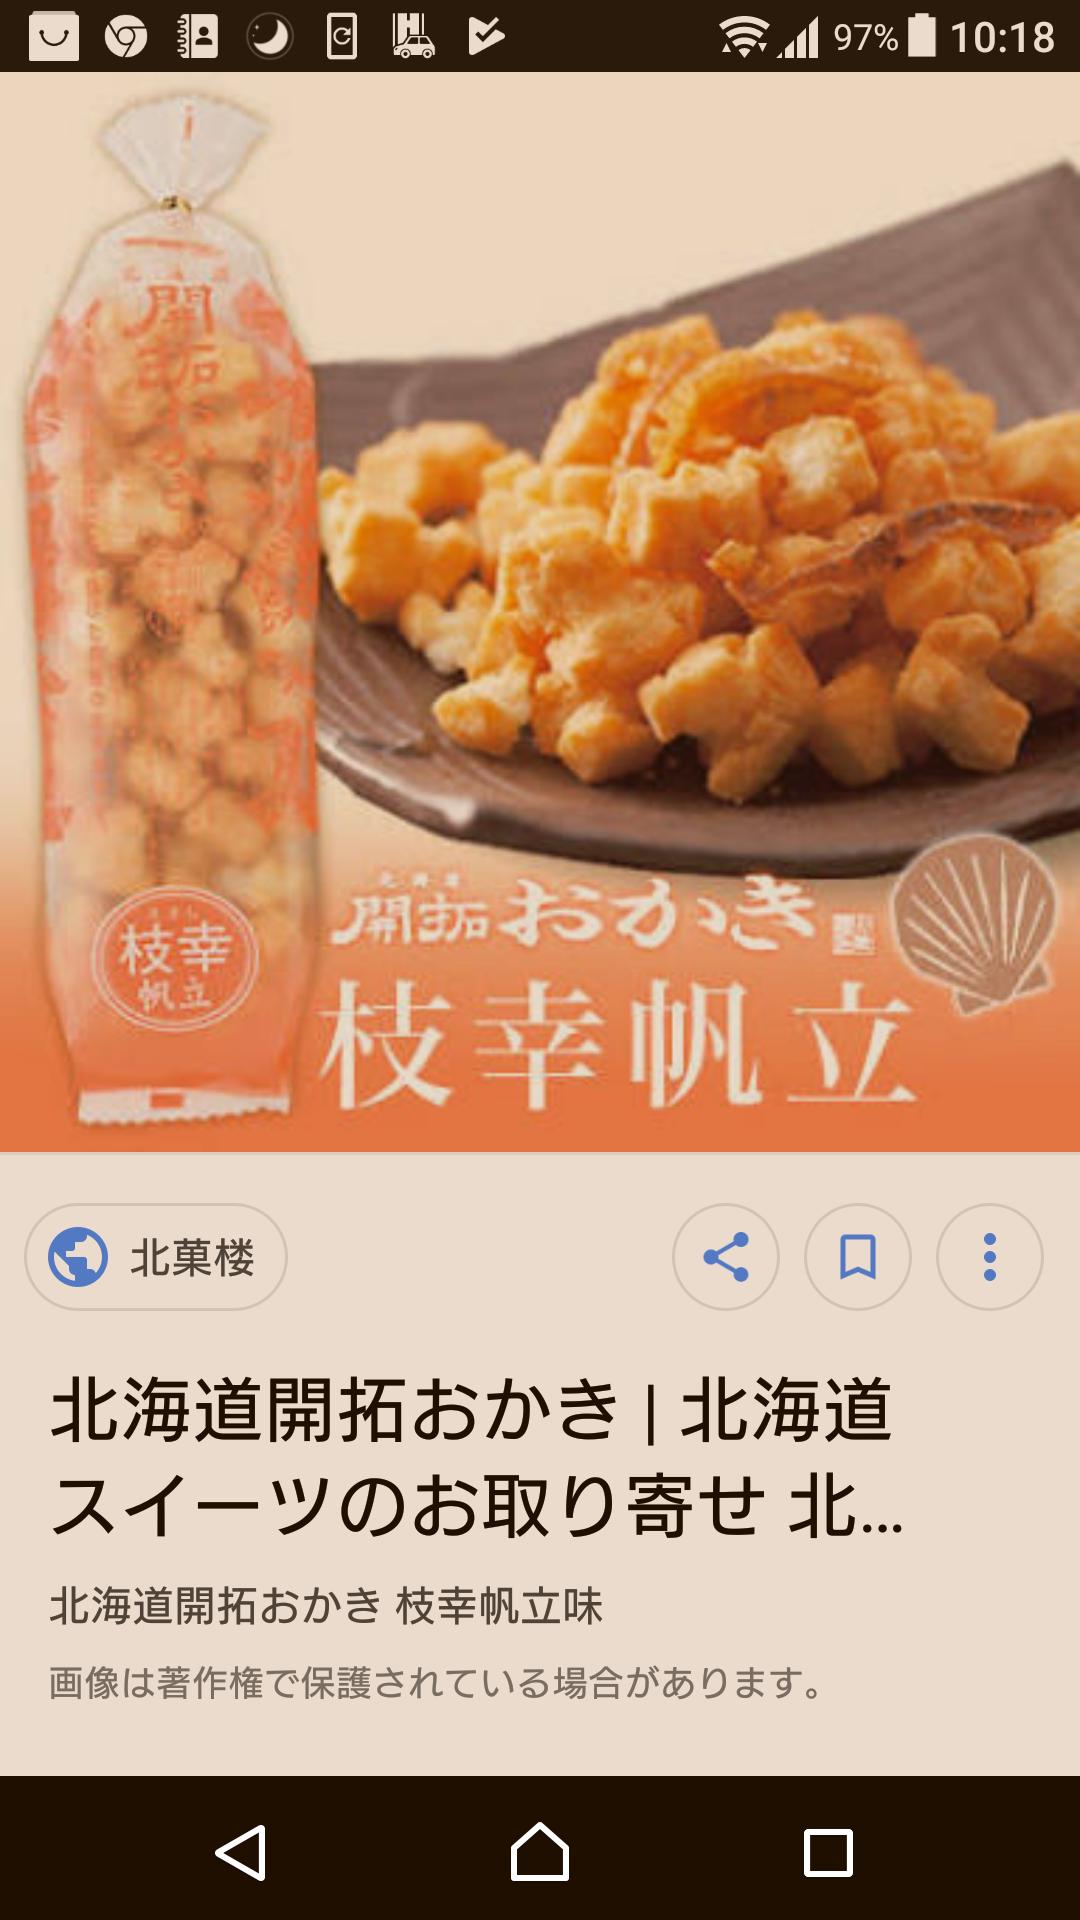 【北海道土産】1つだけ頼むなら?